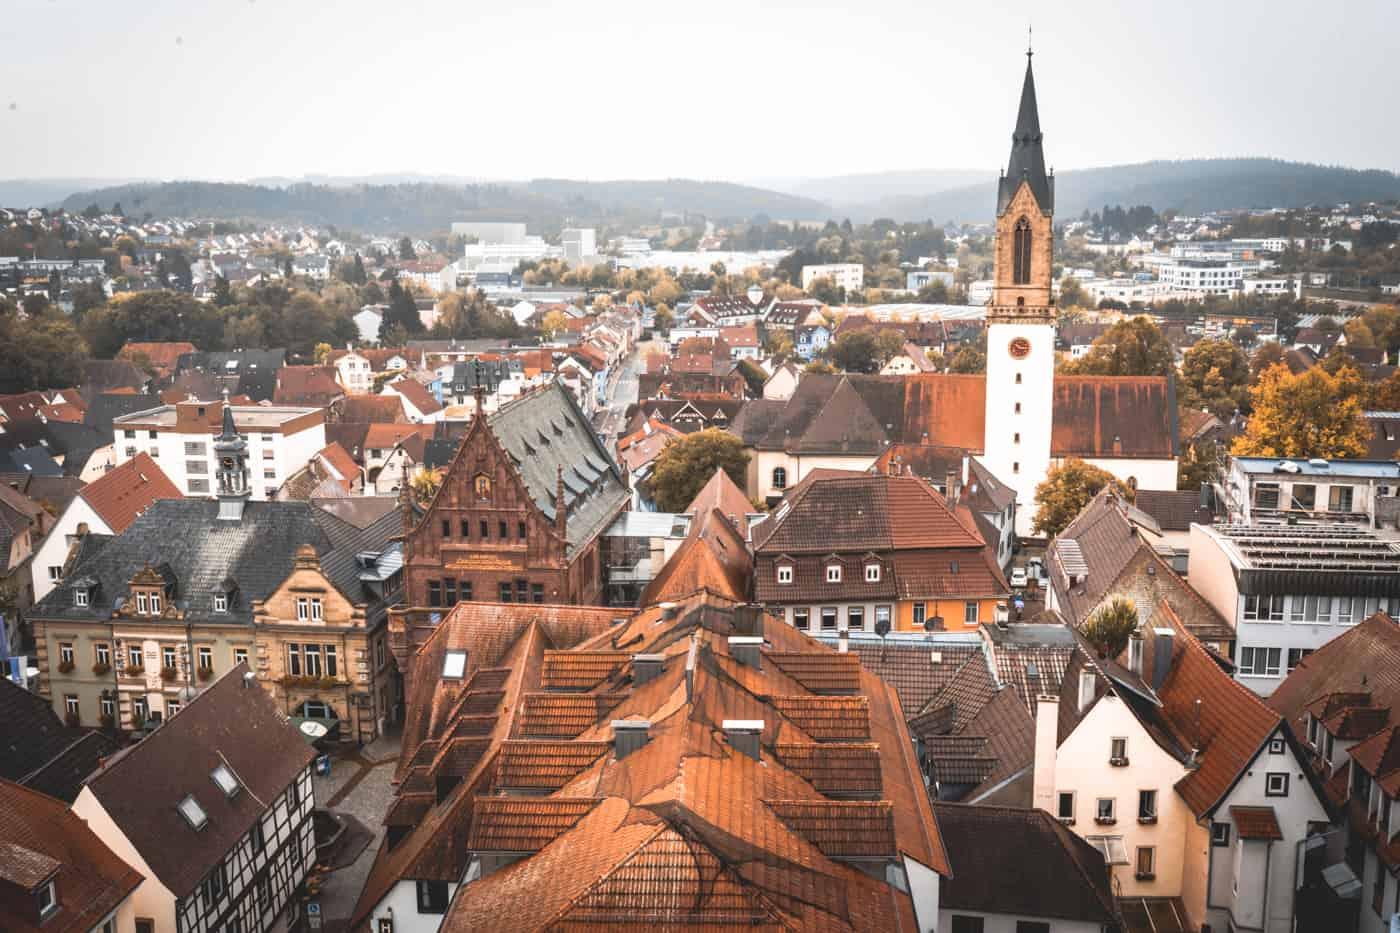 Bretten im Kraichgau – Sehenswürdigkeiten, Wandern, Essens- & Insider Tipps